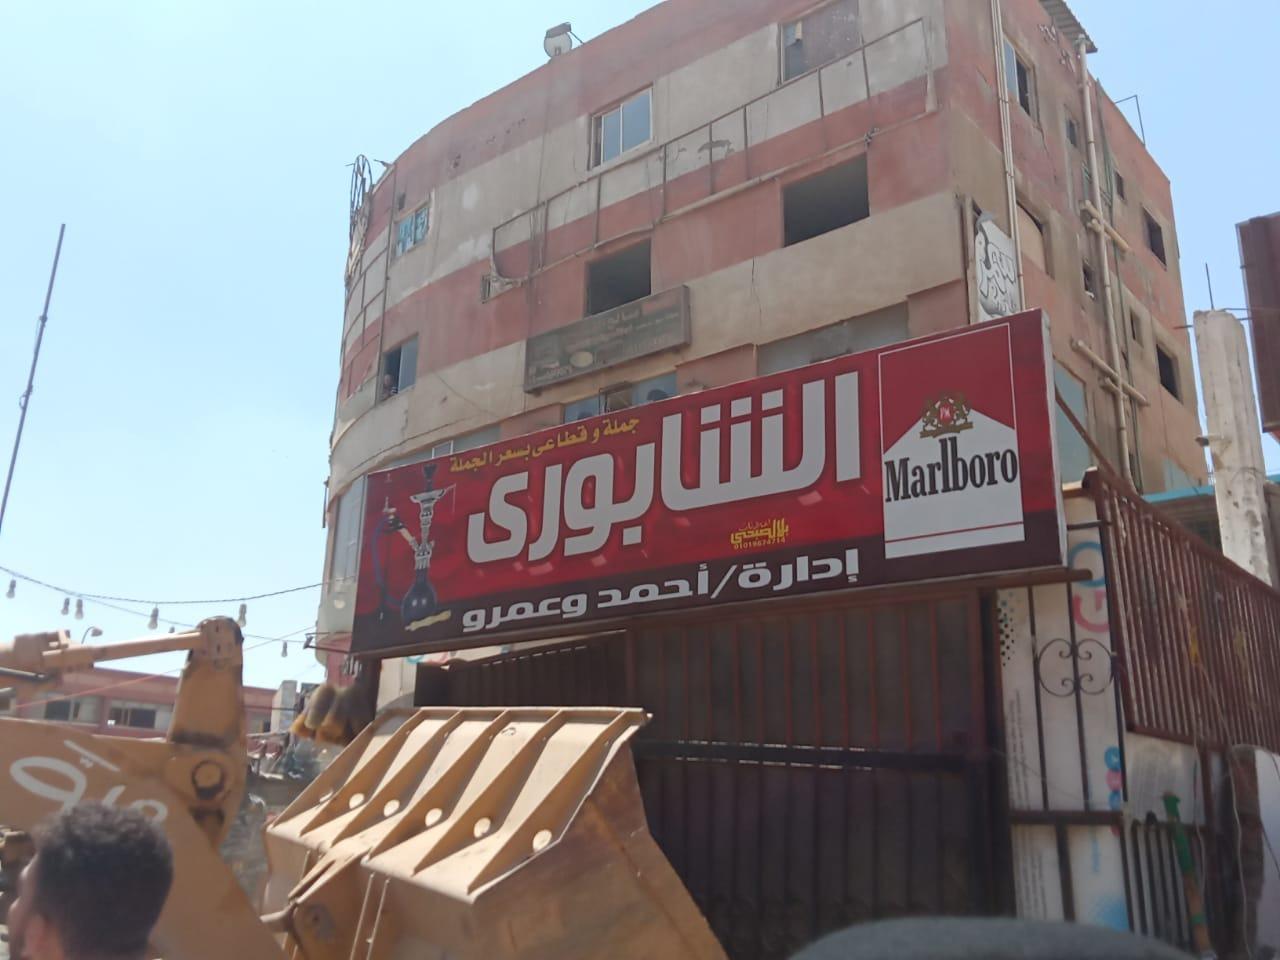 حملة لإزالة التعديات والإشغالات بالحي الأول بمدينة بدر